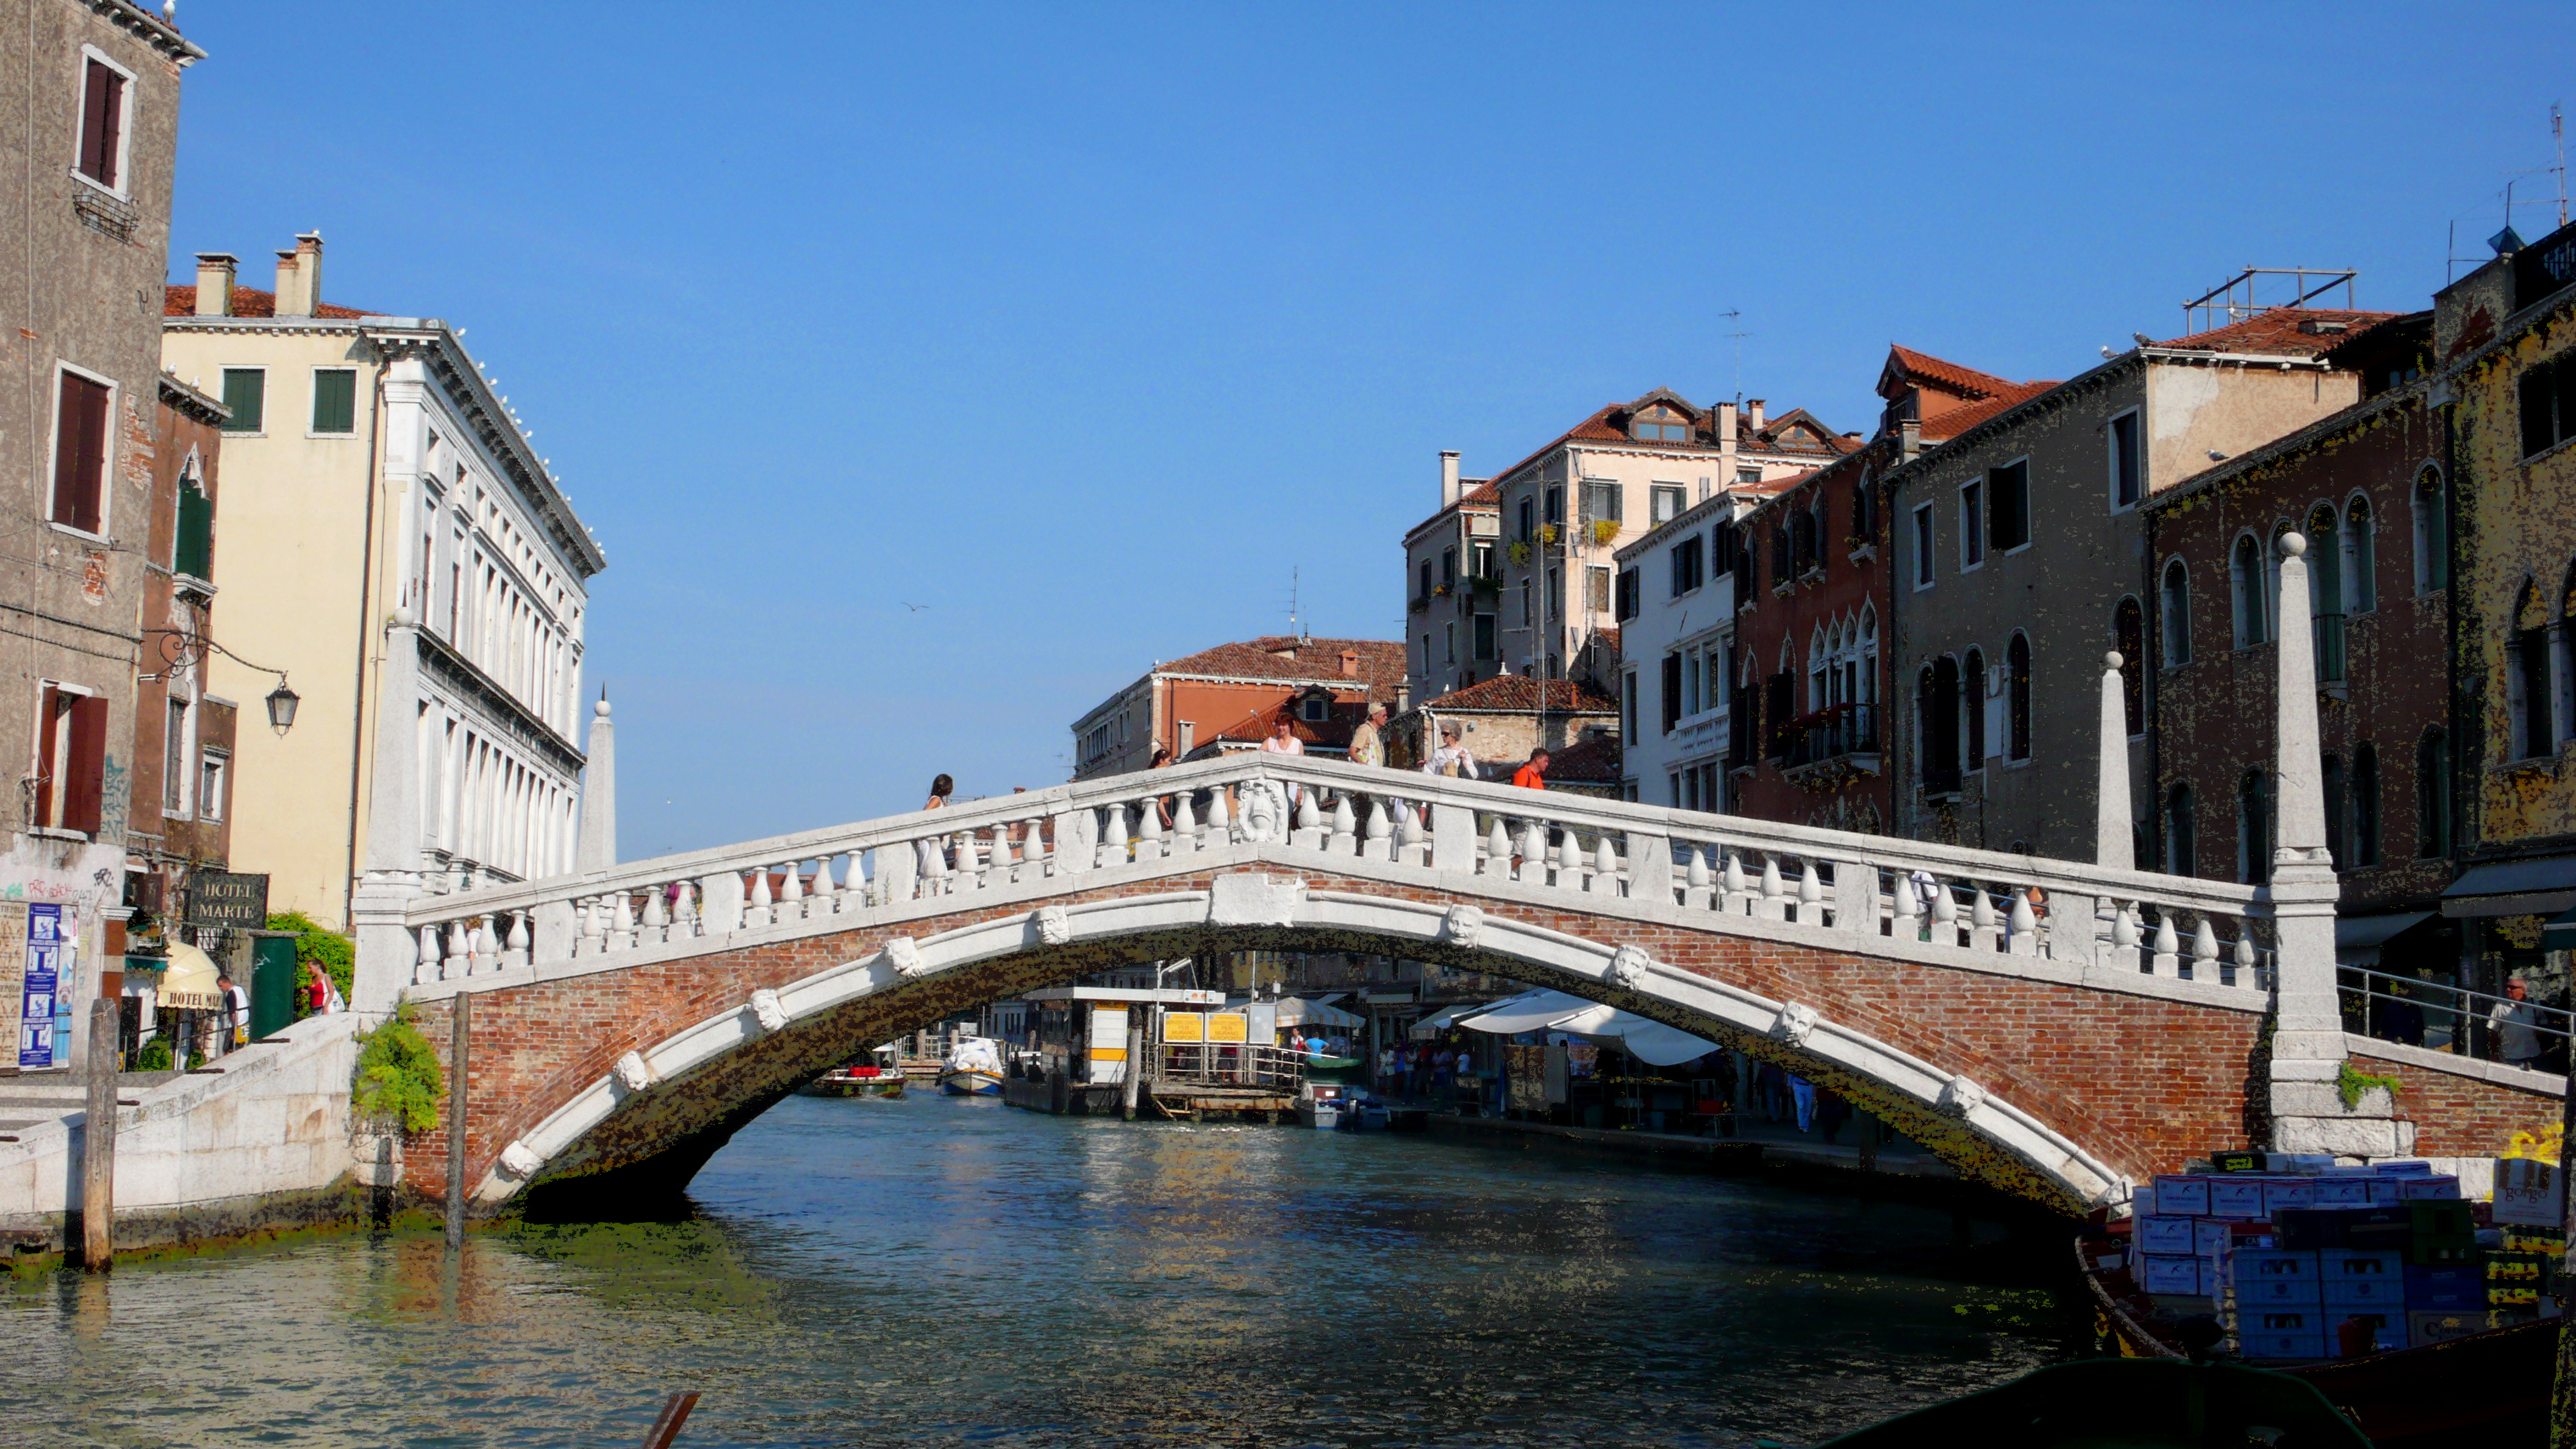 Ponte delle guglie venice tourism for Gradini del ponte curvi